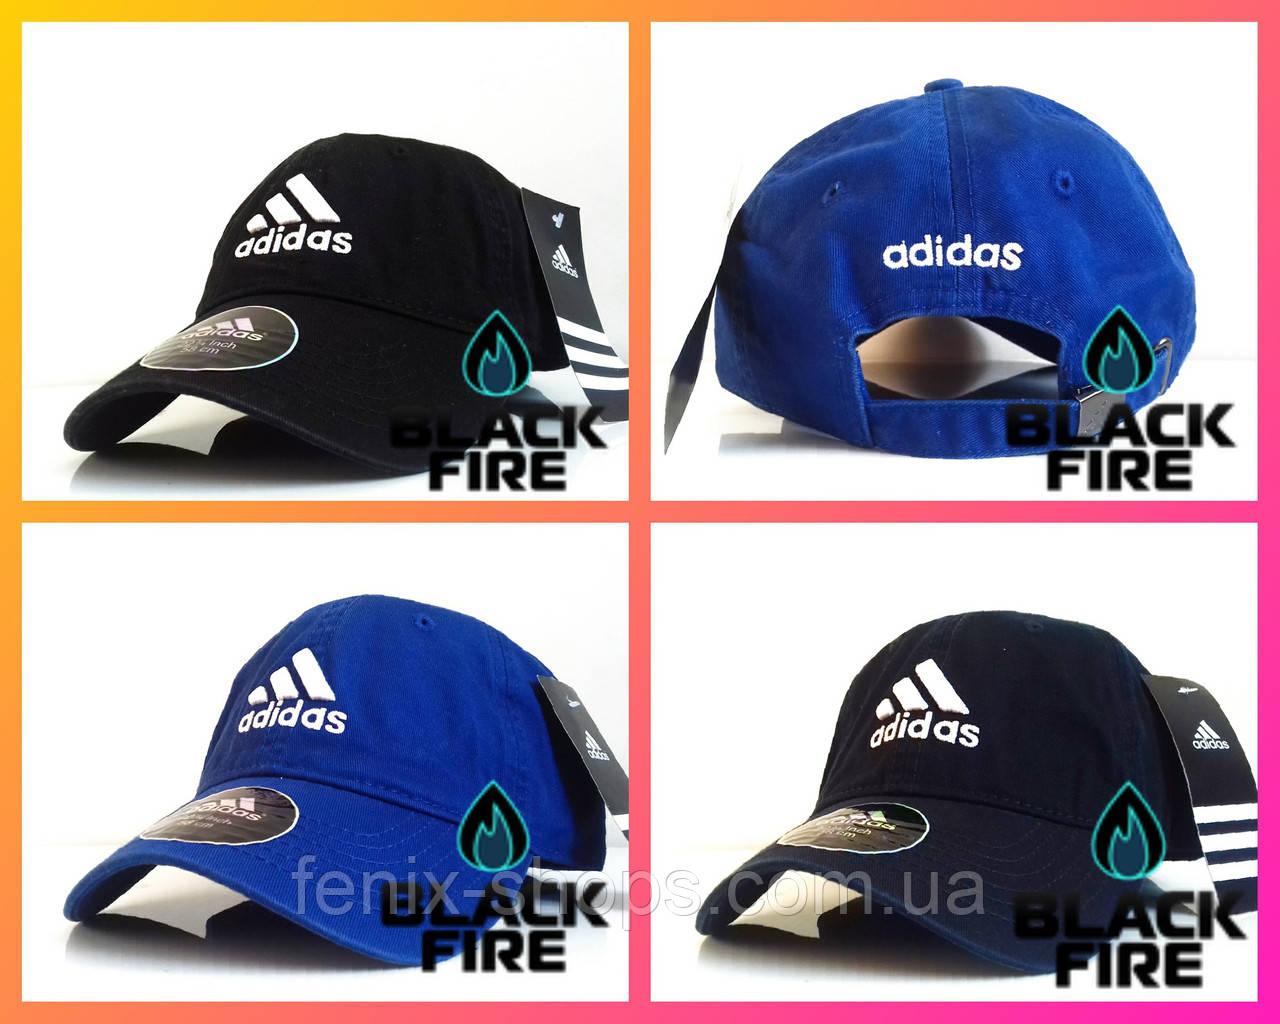 439c3b12 Кепка Adidas бейсболка Адидас темно-синяя, черная, синяя - Интернет-магазин